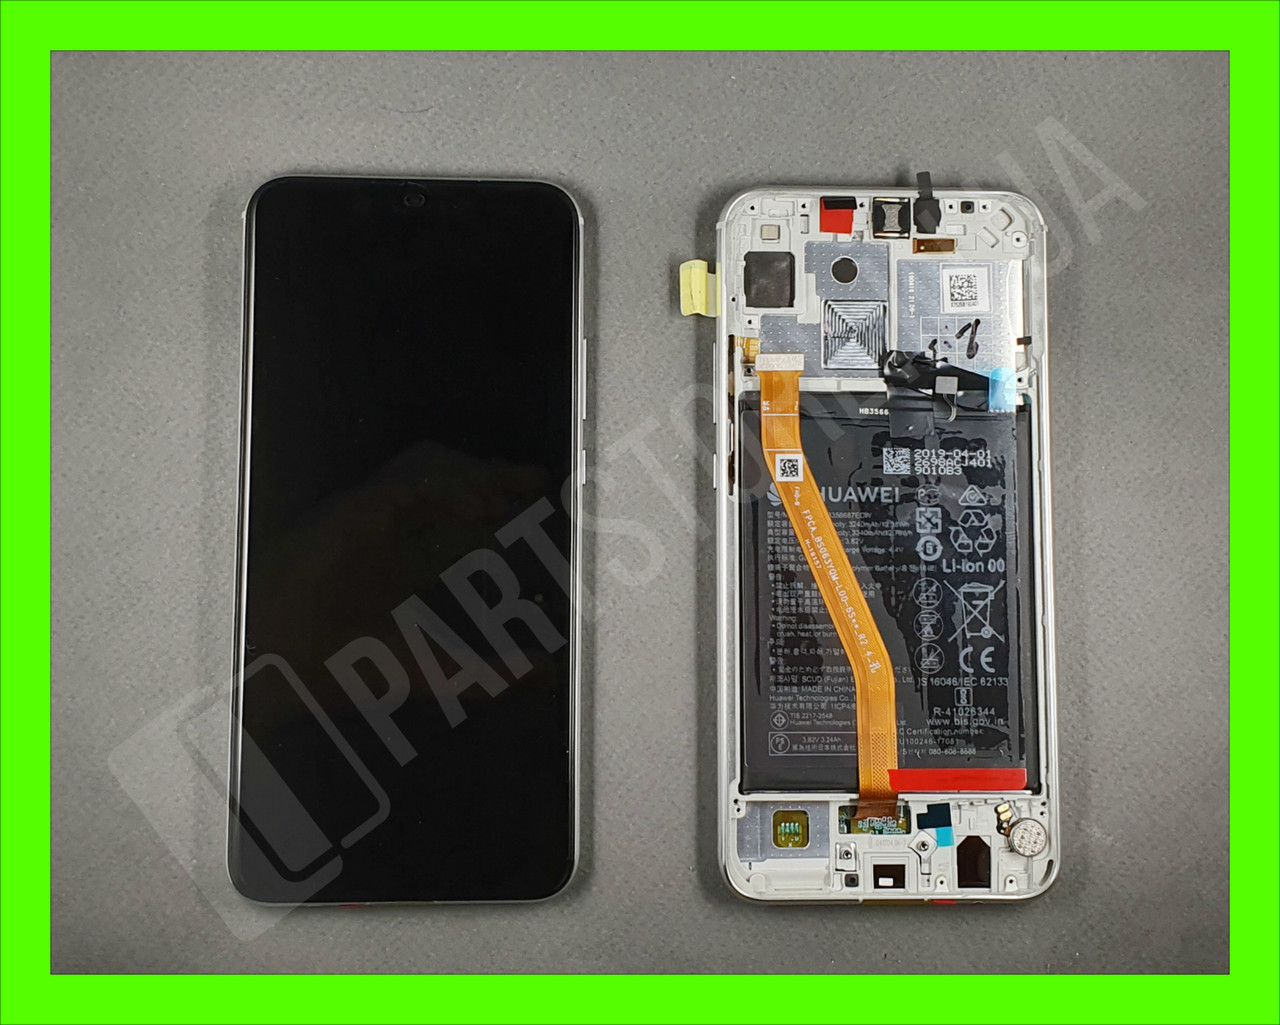 Дисплей Huawei P Smart plus White (02352BUK) сервисный оригинал в сборе с рамкой, акб и датчиками